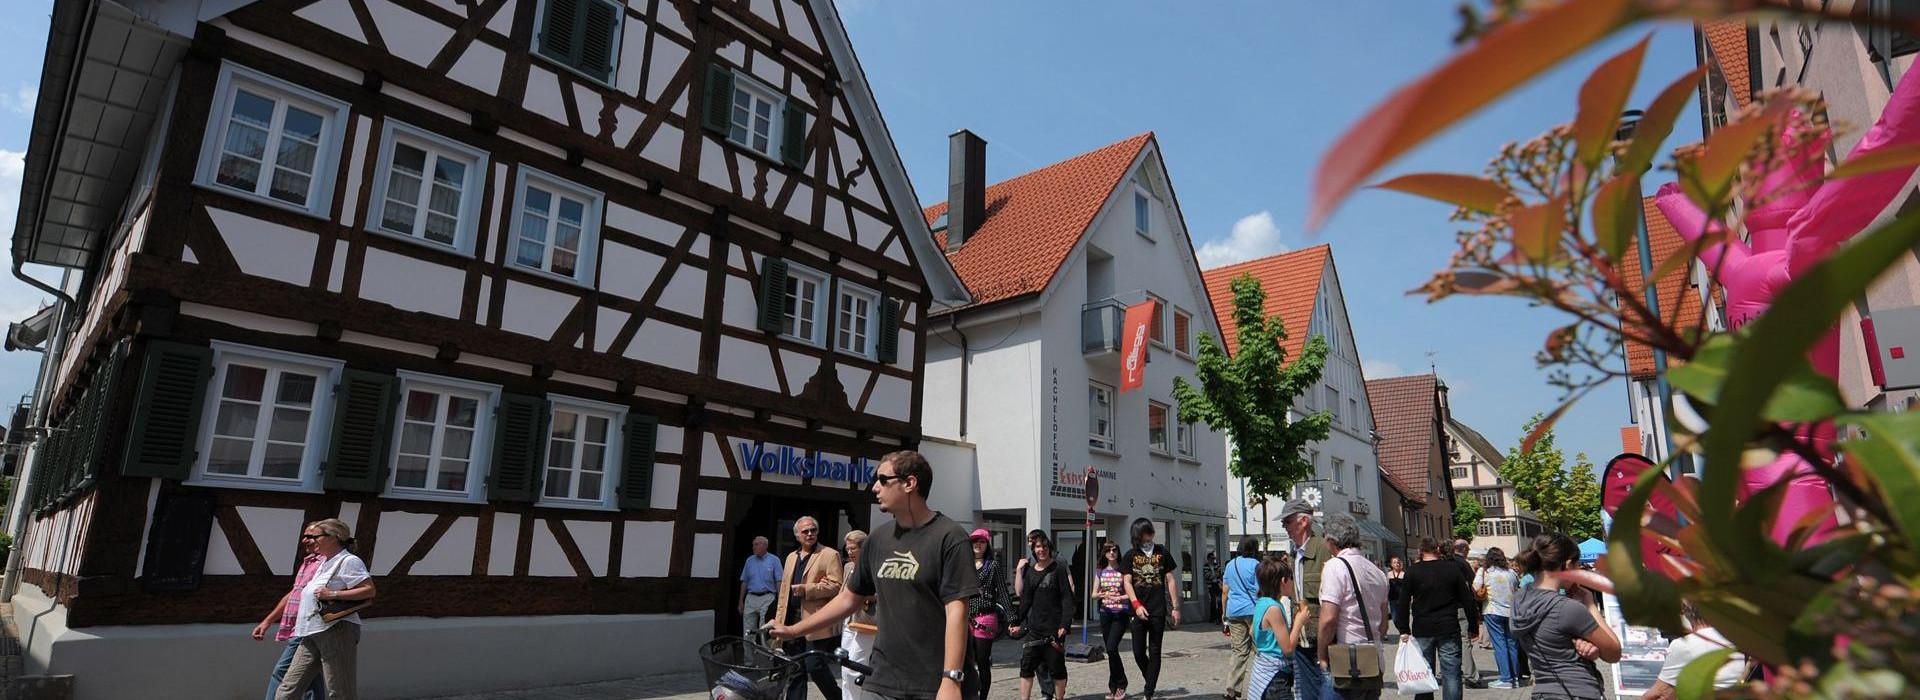 Innen-Stadt von Metzingen